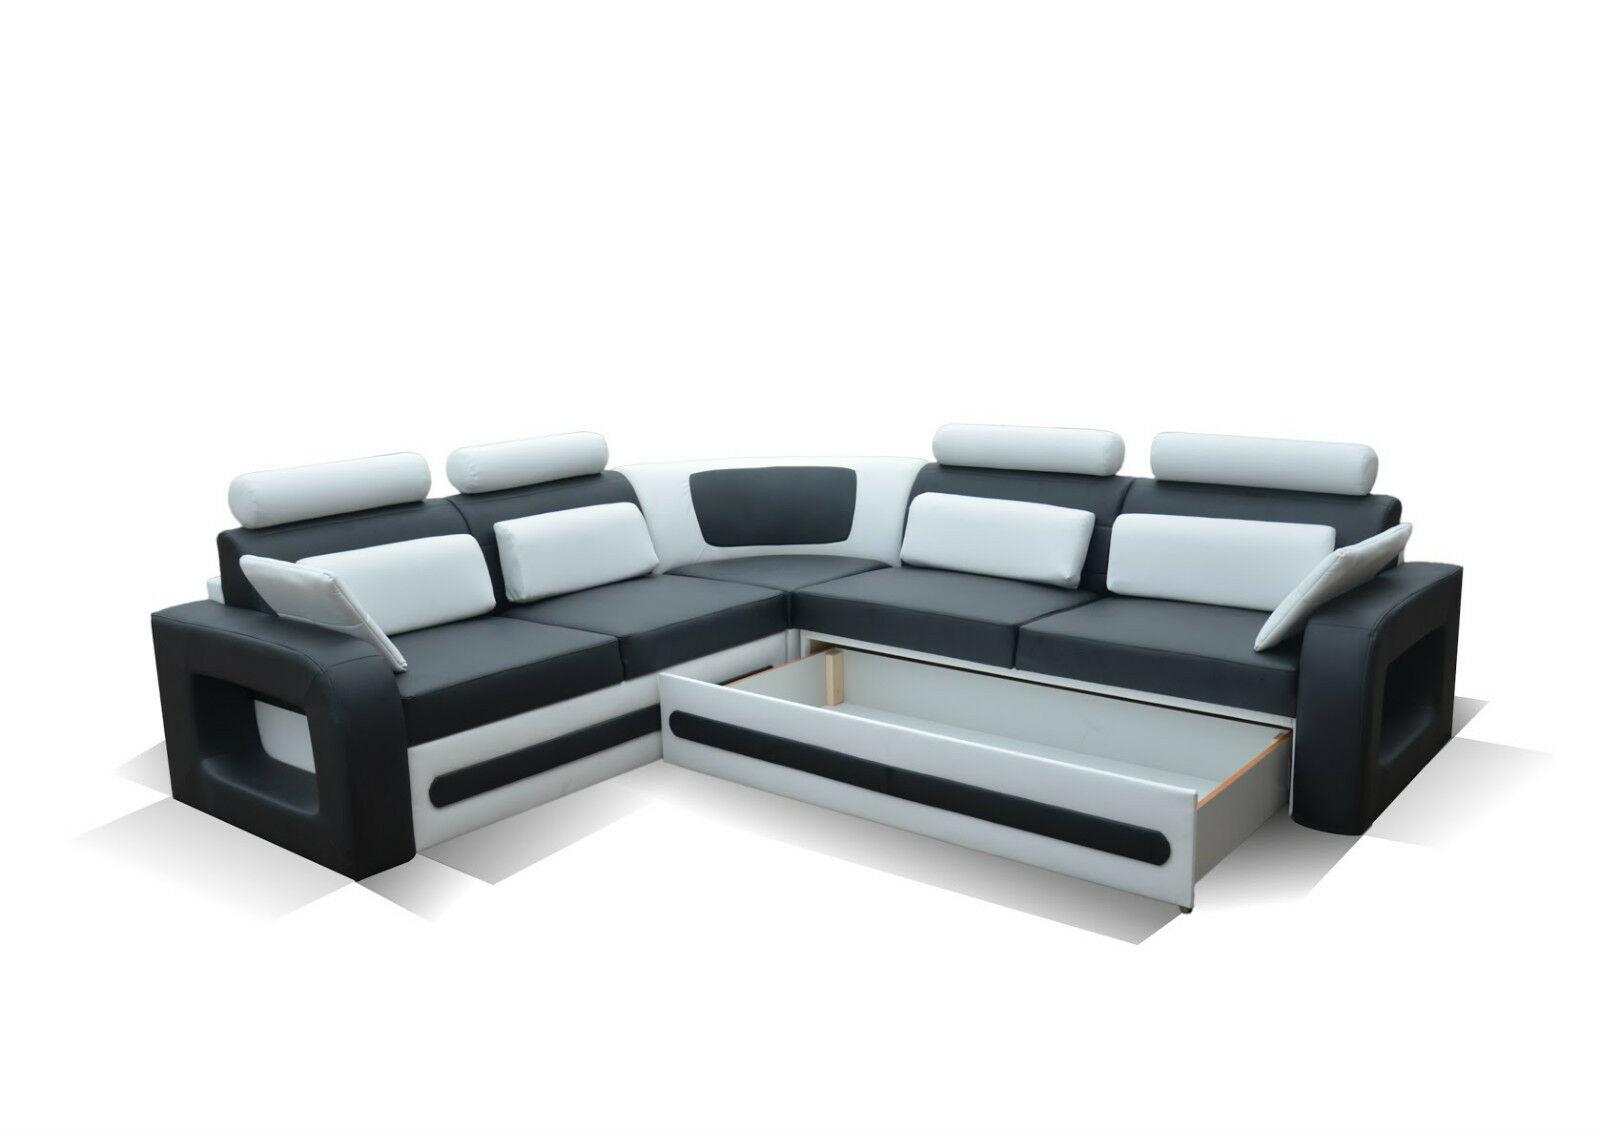 Wohnlandschaft mit schlaffunktion  Couch Couchgarnitur Sofa Polsterecke BE 02 L Wohnlandschaft ...